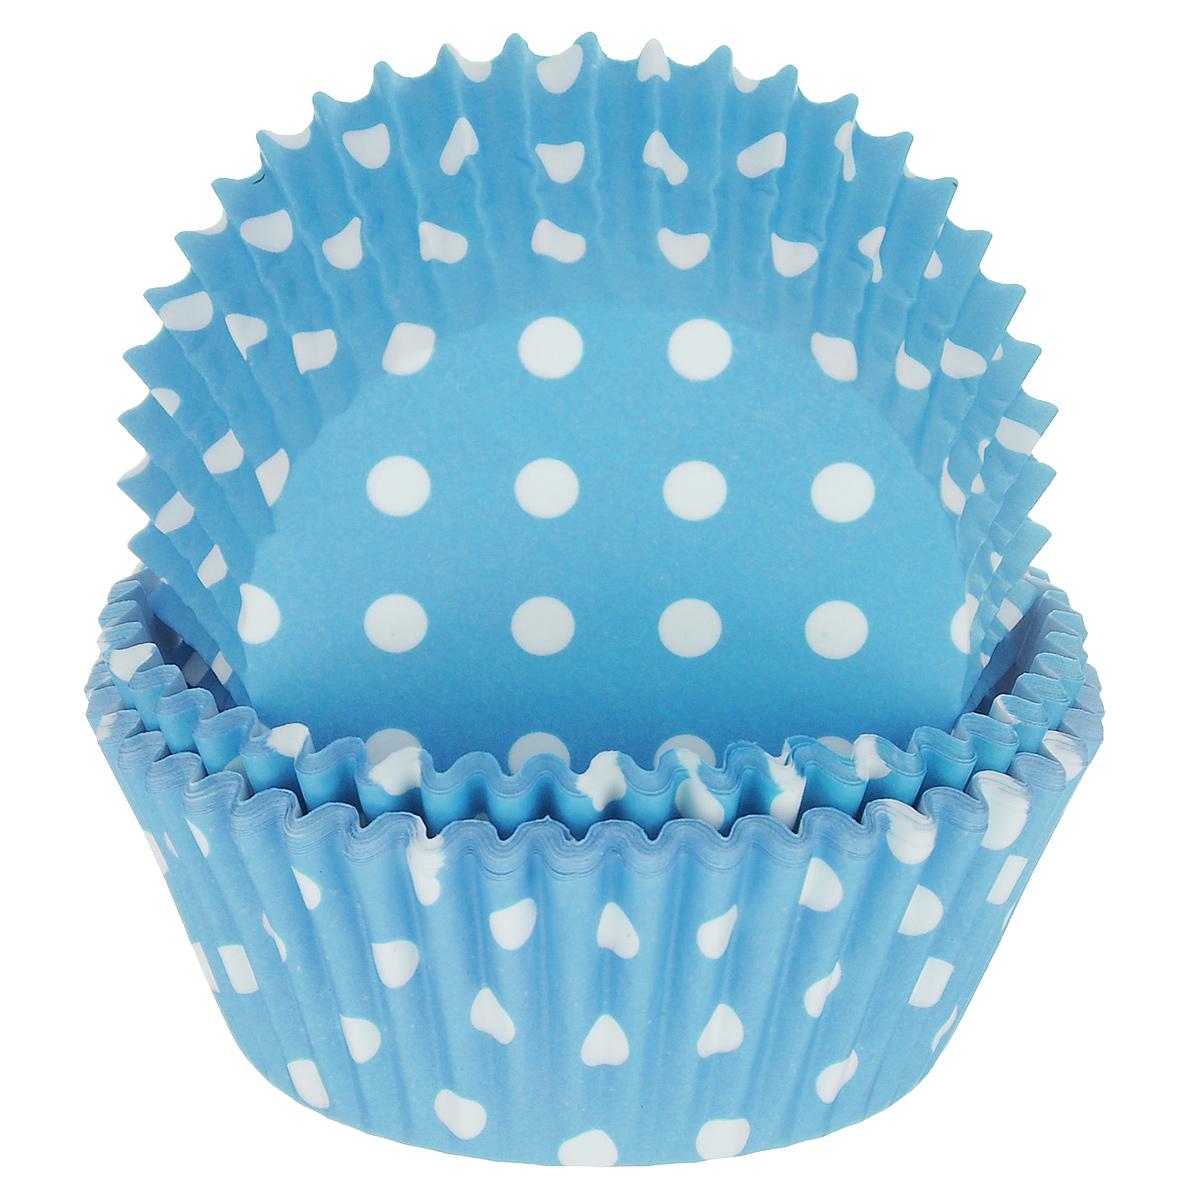 Набор бумажных форм для кексов Dolce Arti Горошек, цвет: голубой, диаметр 5 см, 50 шт94672Набор Dolce Arti Горошек состоит из 50 бумажных форм для кексов, оформленных принтом в горох. Они предназначены для выпечки и упаковки кондитерских изделий, также могут использоваться для сервировки орешков, конфет и много другого. Для одноразового применения. Гофрированные бумажные формы идеальны для выпечки кексов, булочек и пирожных.Высота стенки: 3 см. Диаметр (по верхнему краю): 7 см.Диаметр дна: 5 см.